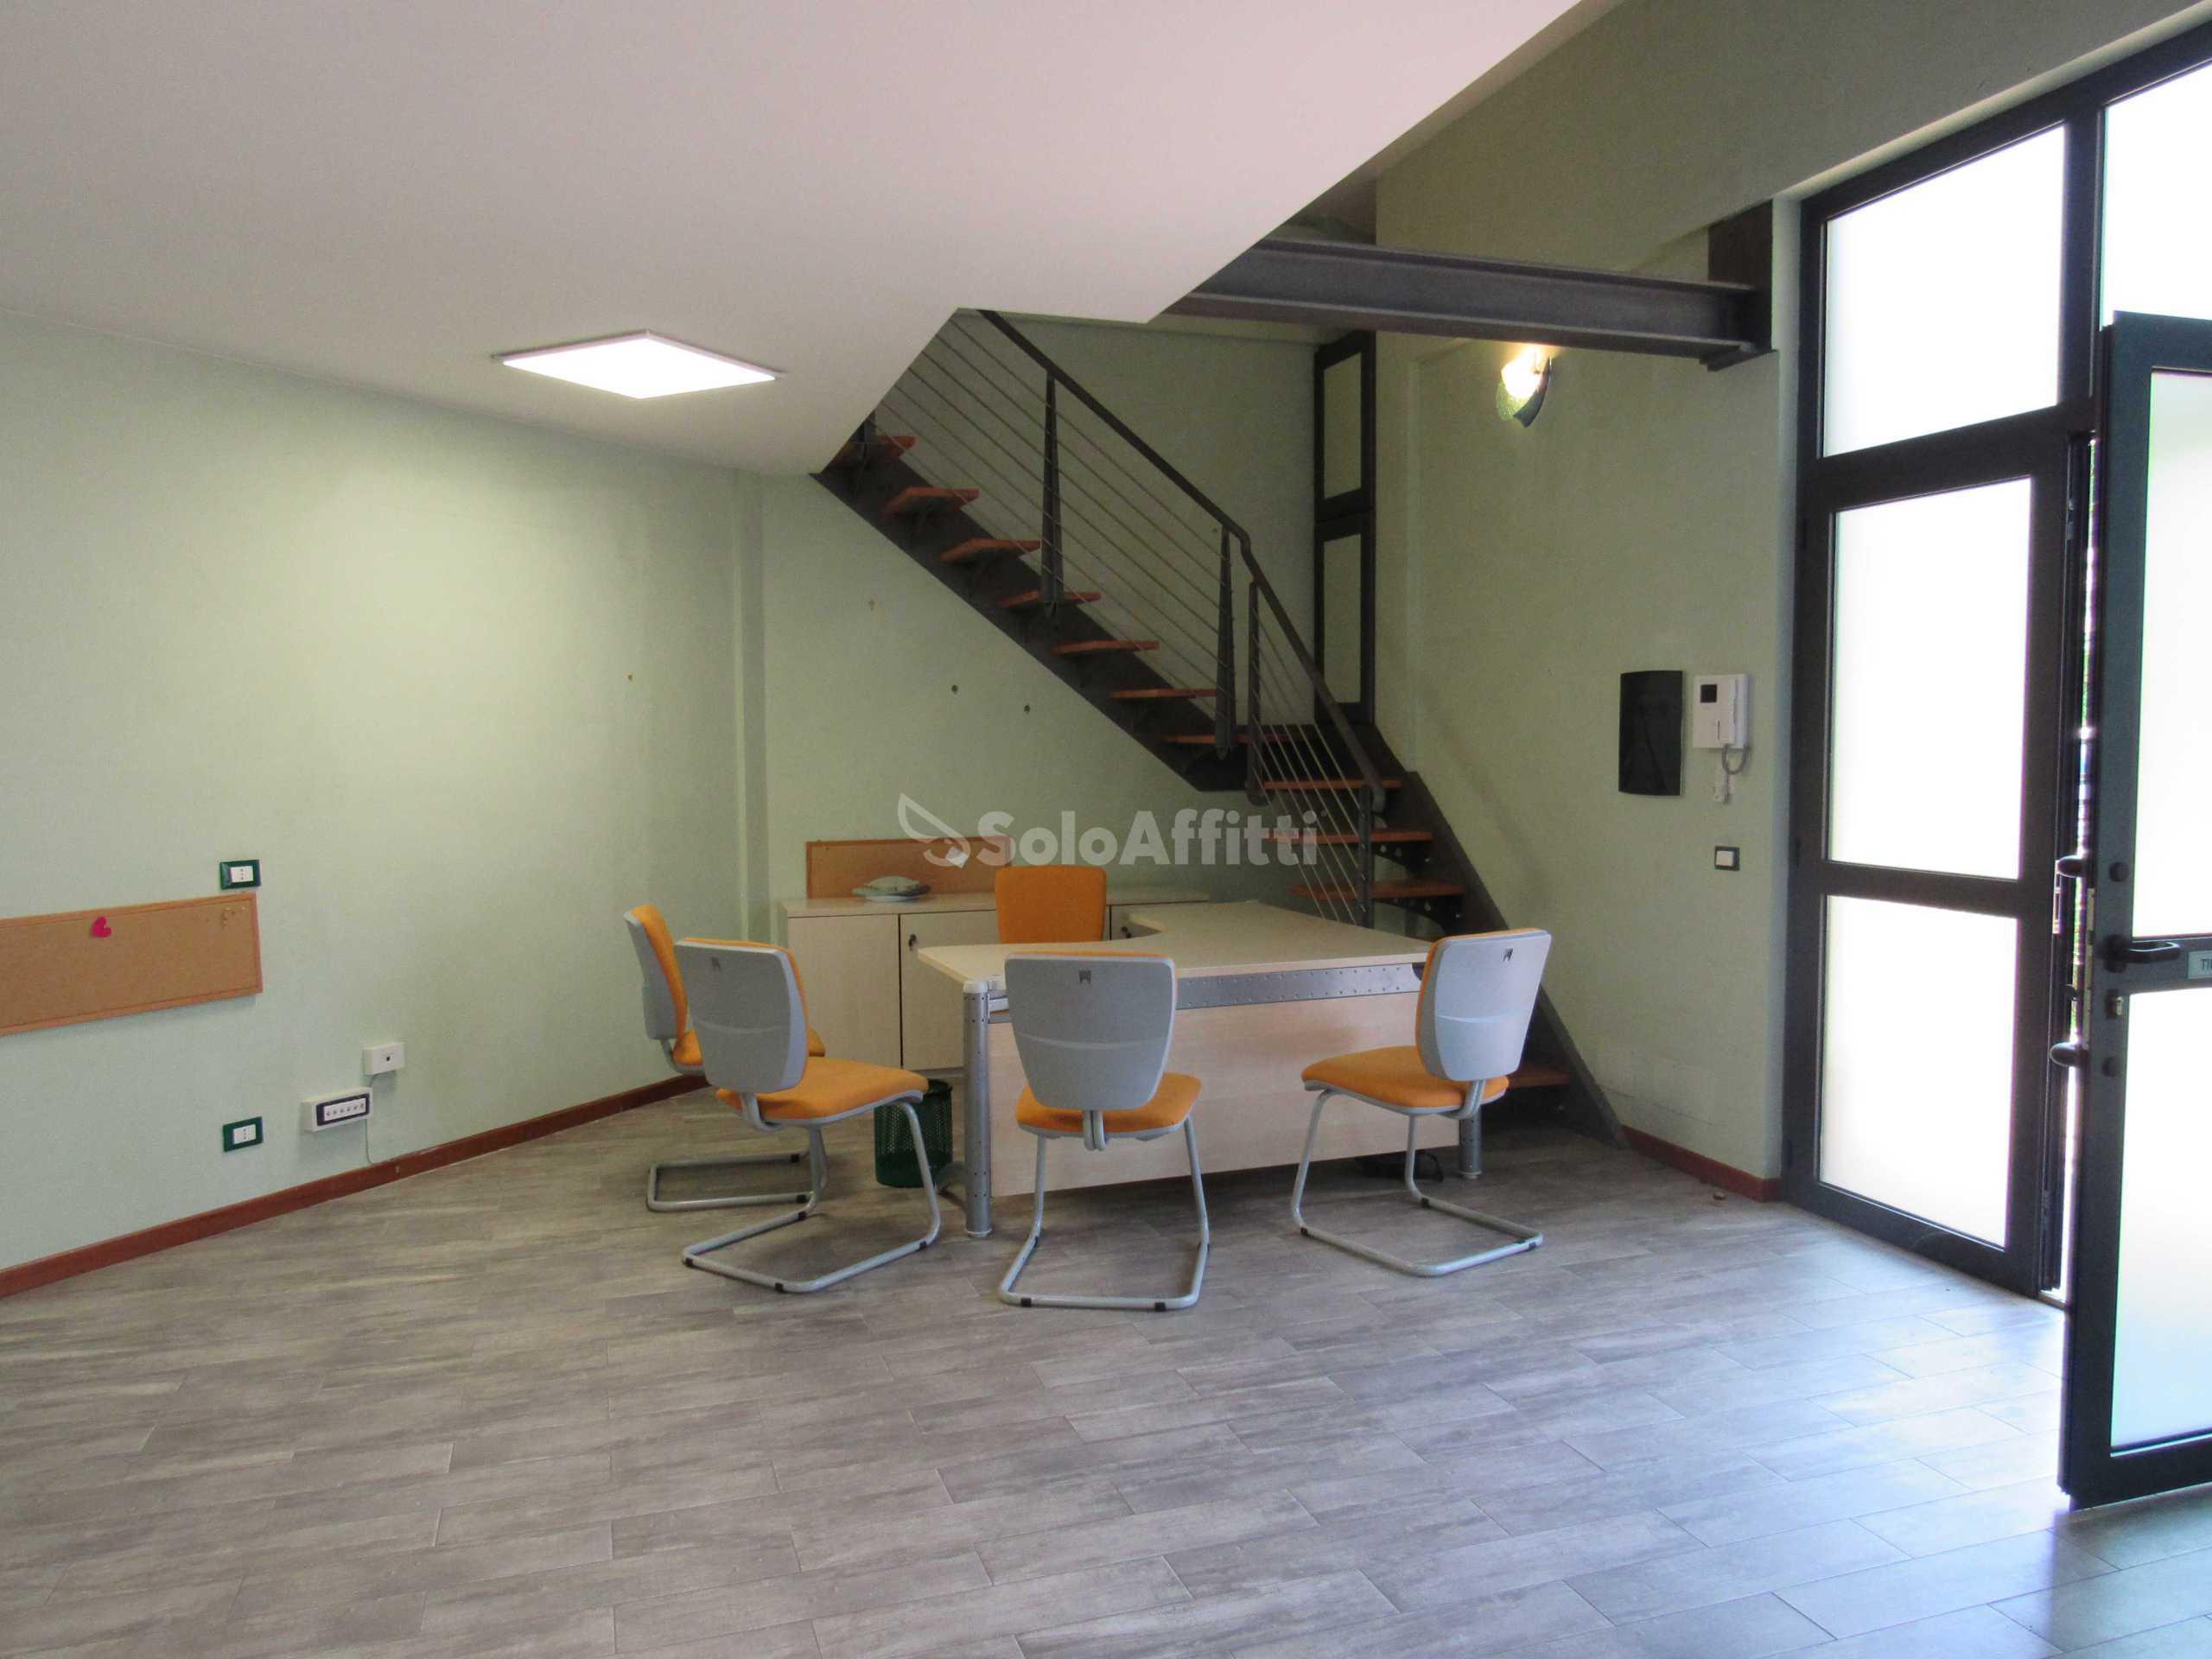 Immobili in affitto frascati case uffici e negozi in for Affitto ufficio tuscolana